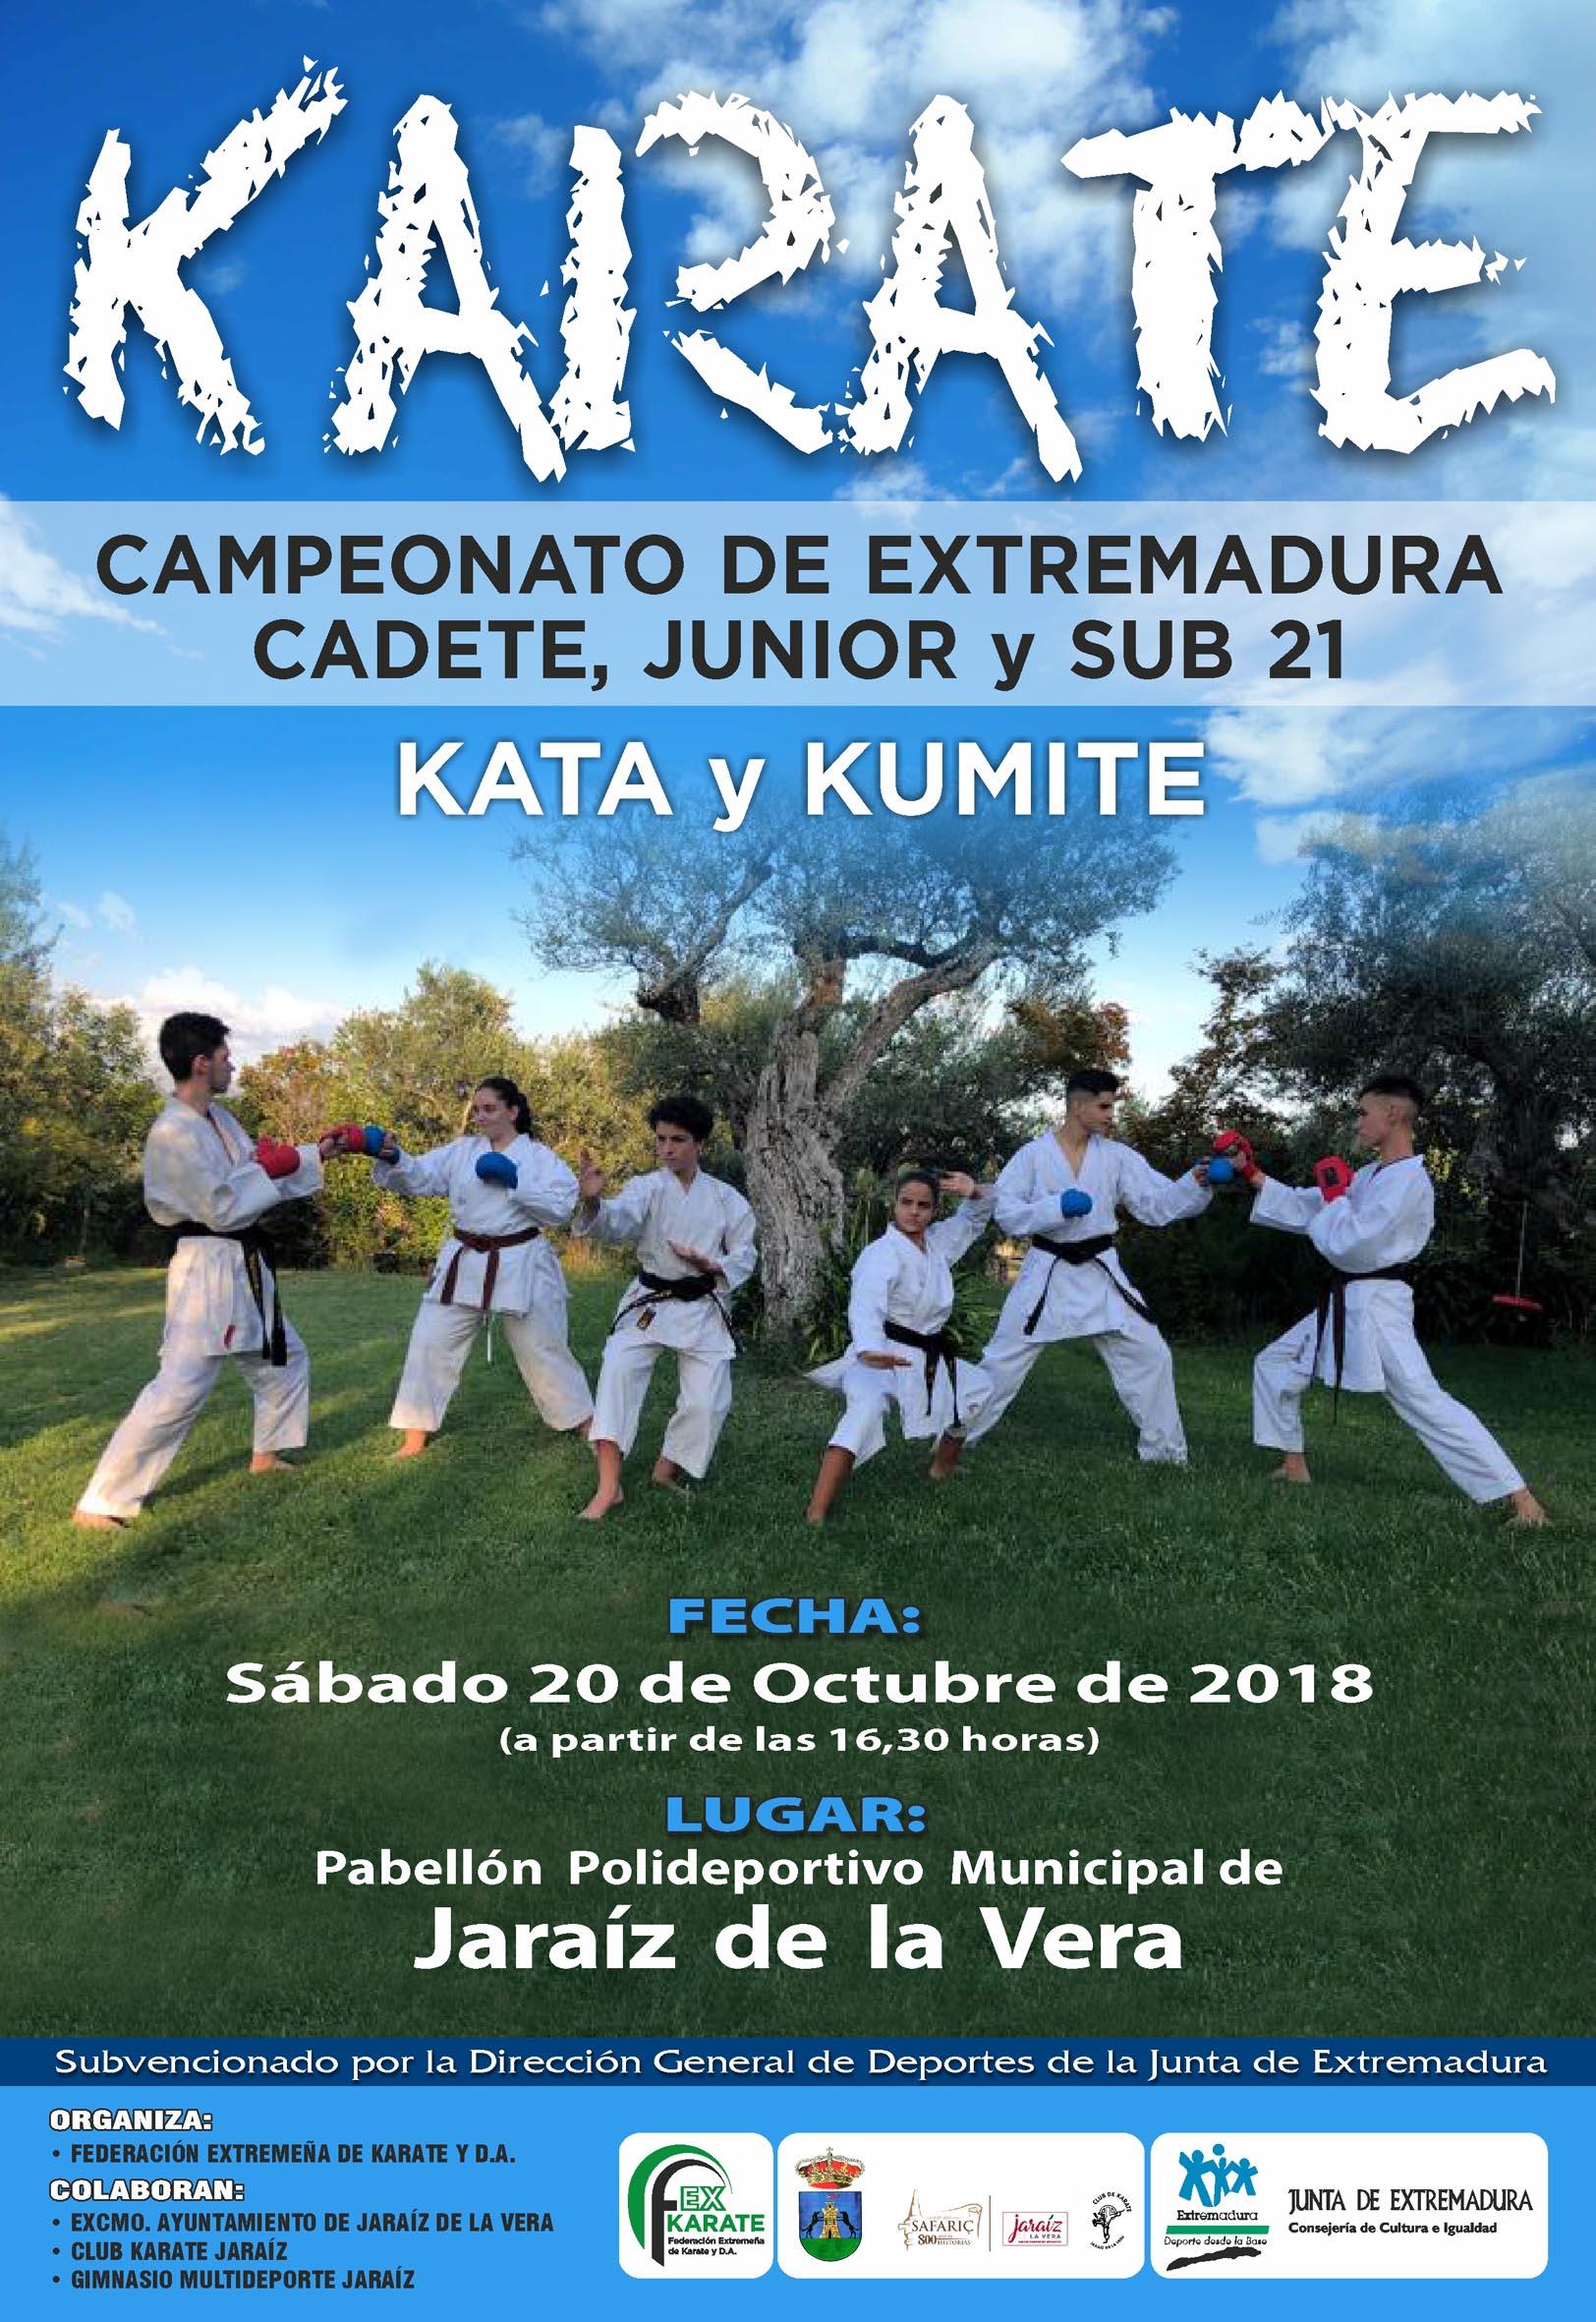 Campeonato Cadete-Junior-Sub21-Senior 2018